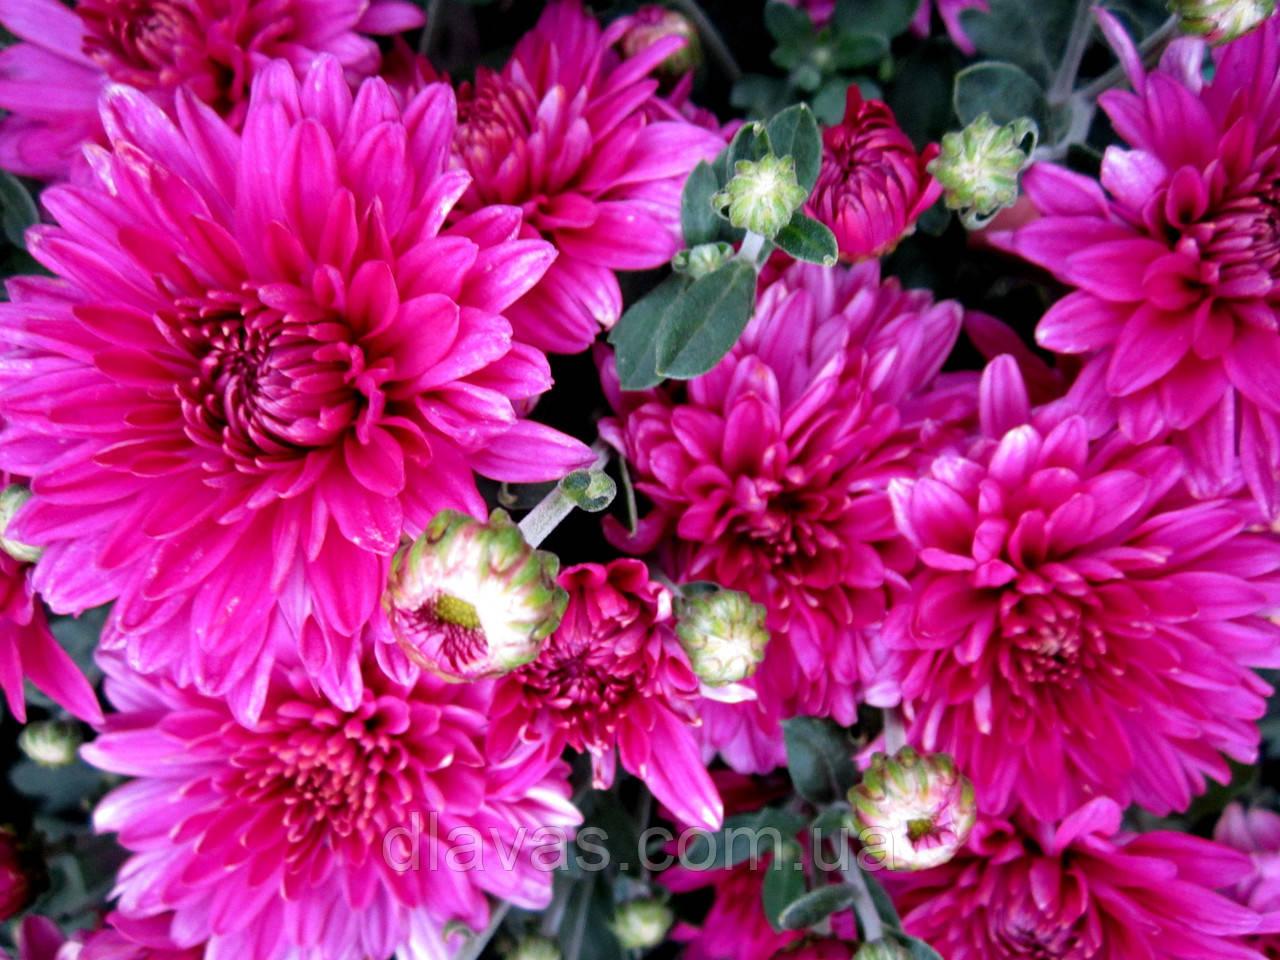 Хризантема корейська бордово-рожева РАНЯЯ З СЕРПНЯ